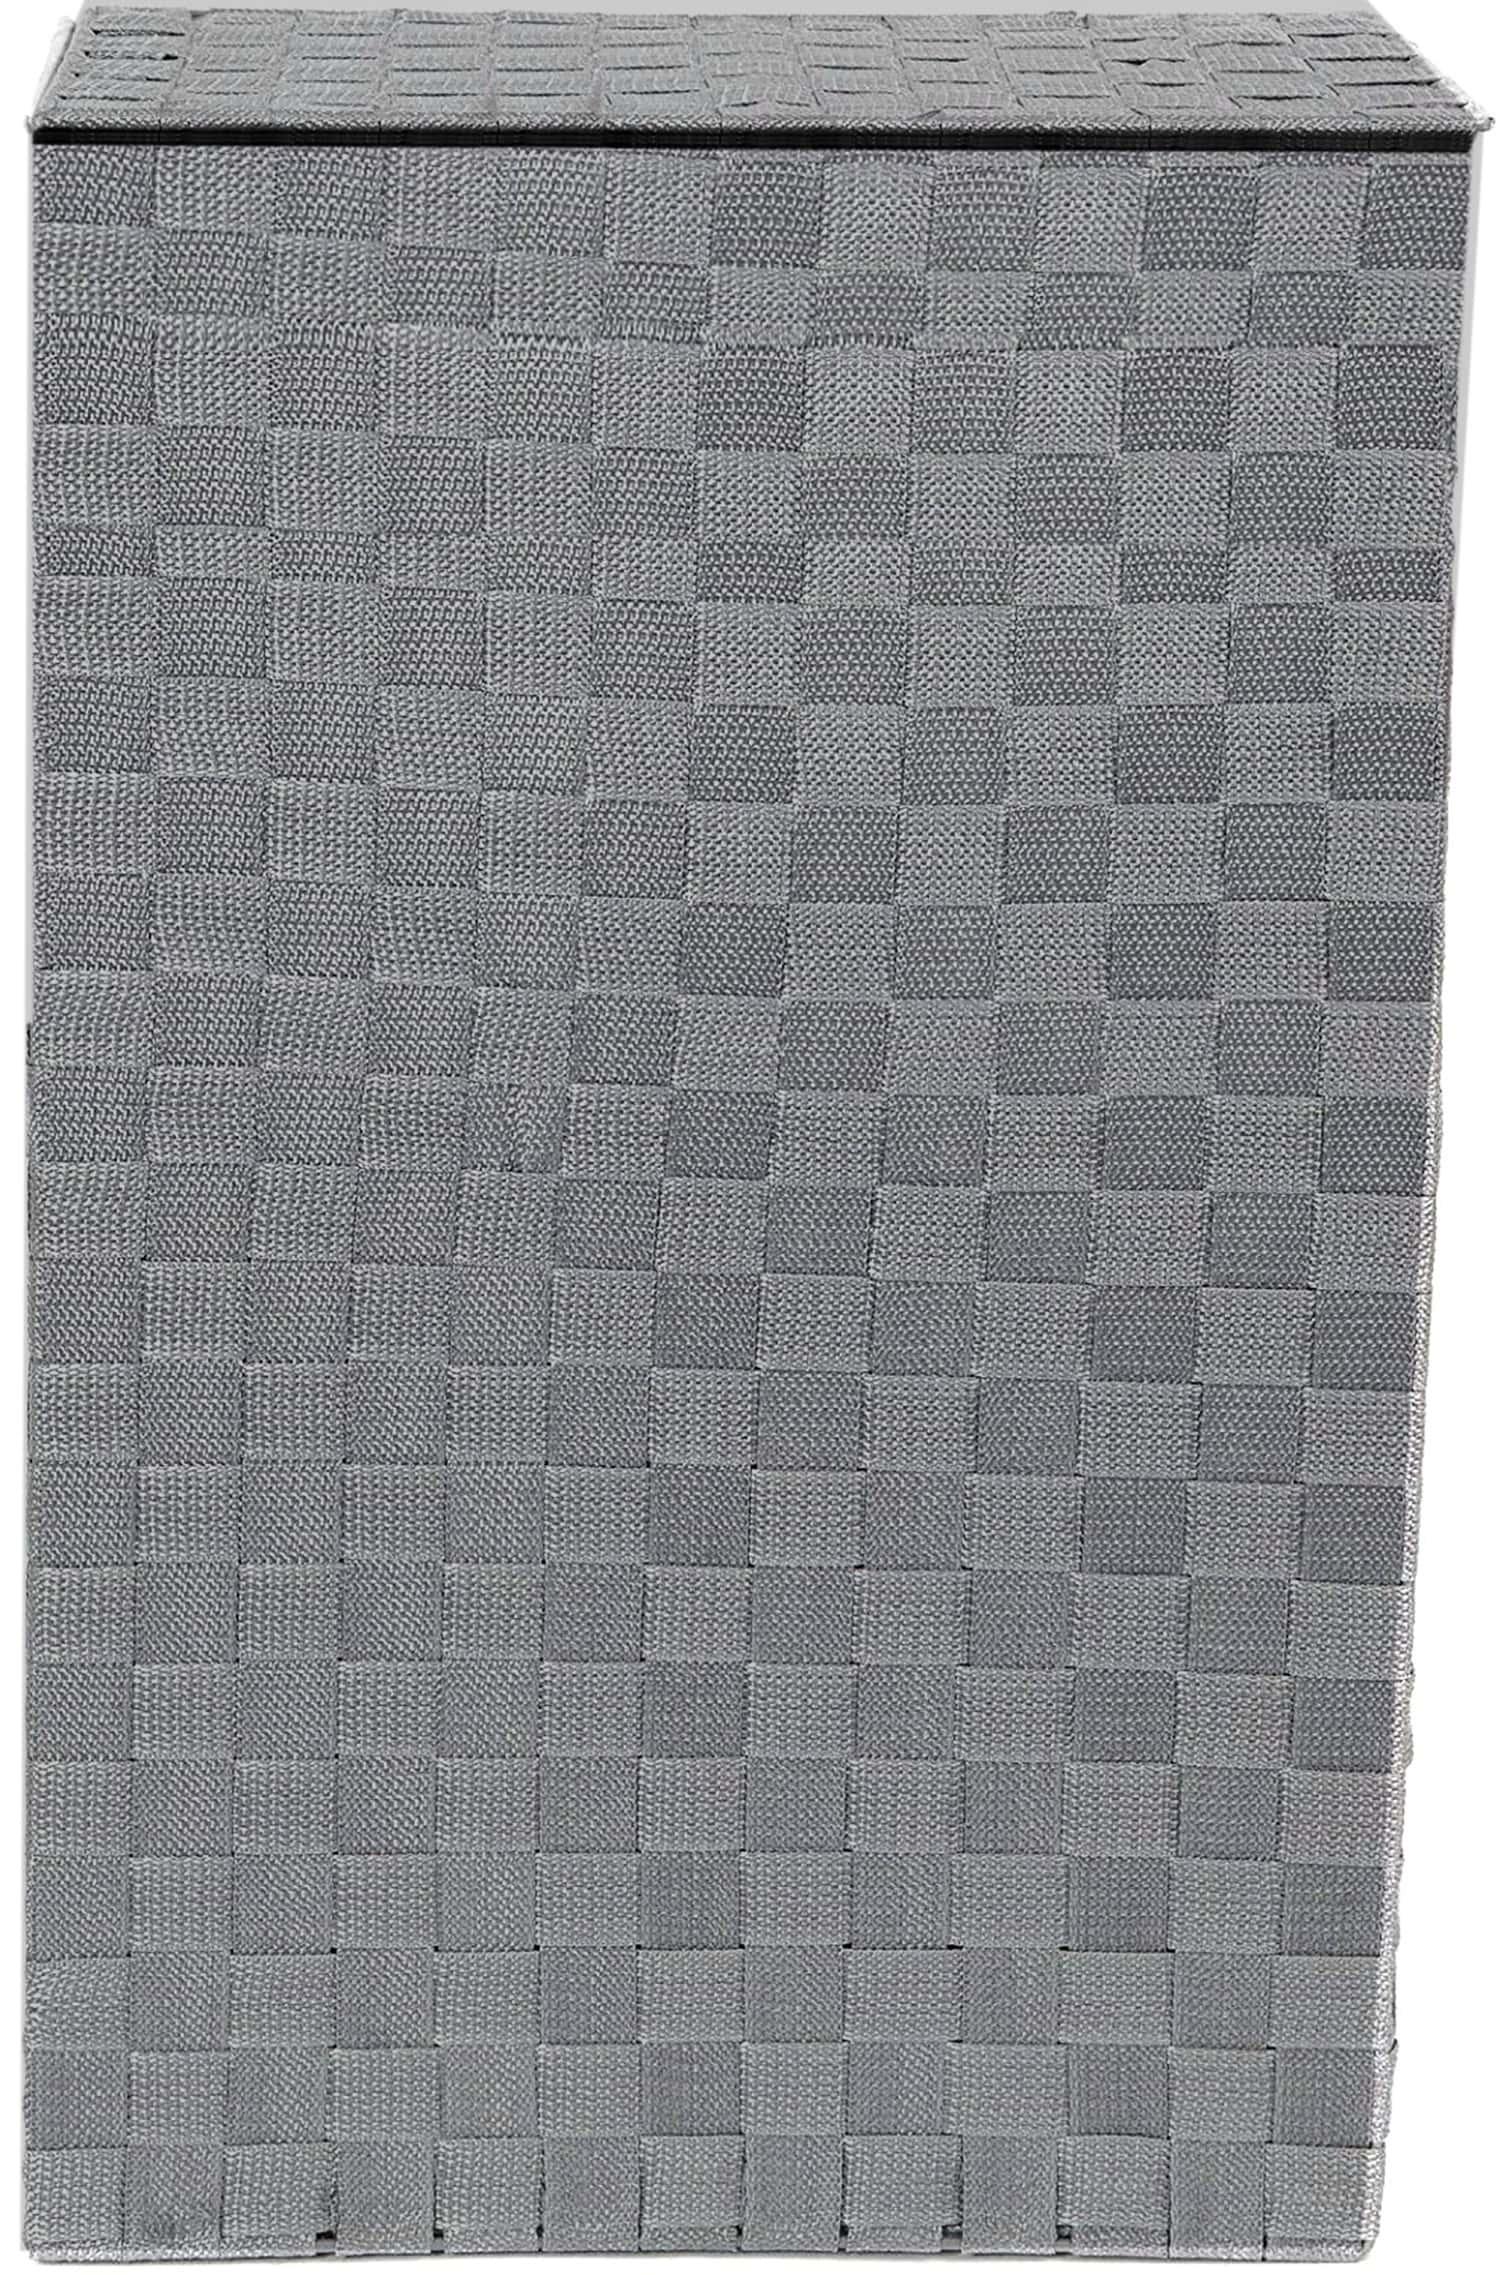 Cesto Ropa Sucia con Tapa, Cesta Gris de Lino para Ropa Almacenaje 52,5x33,5 cm